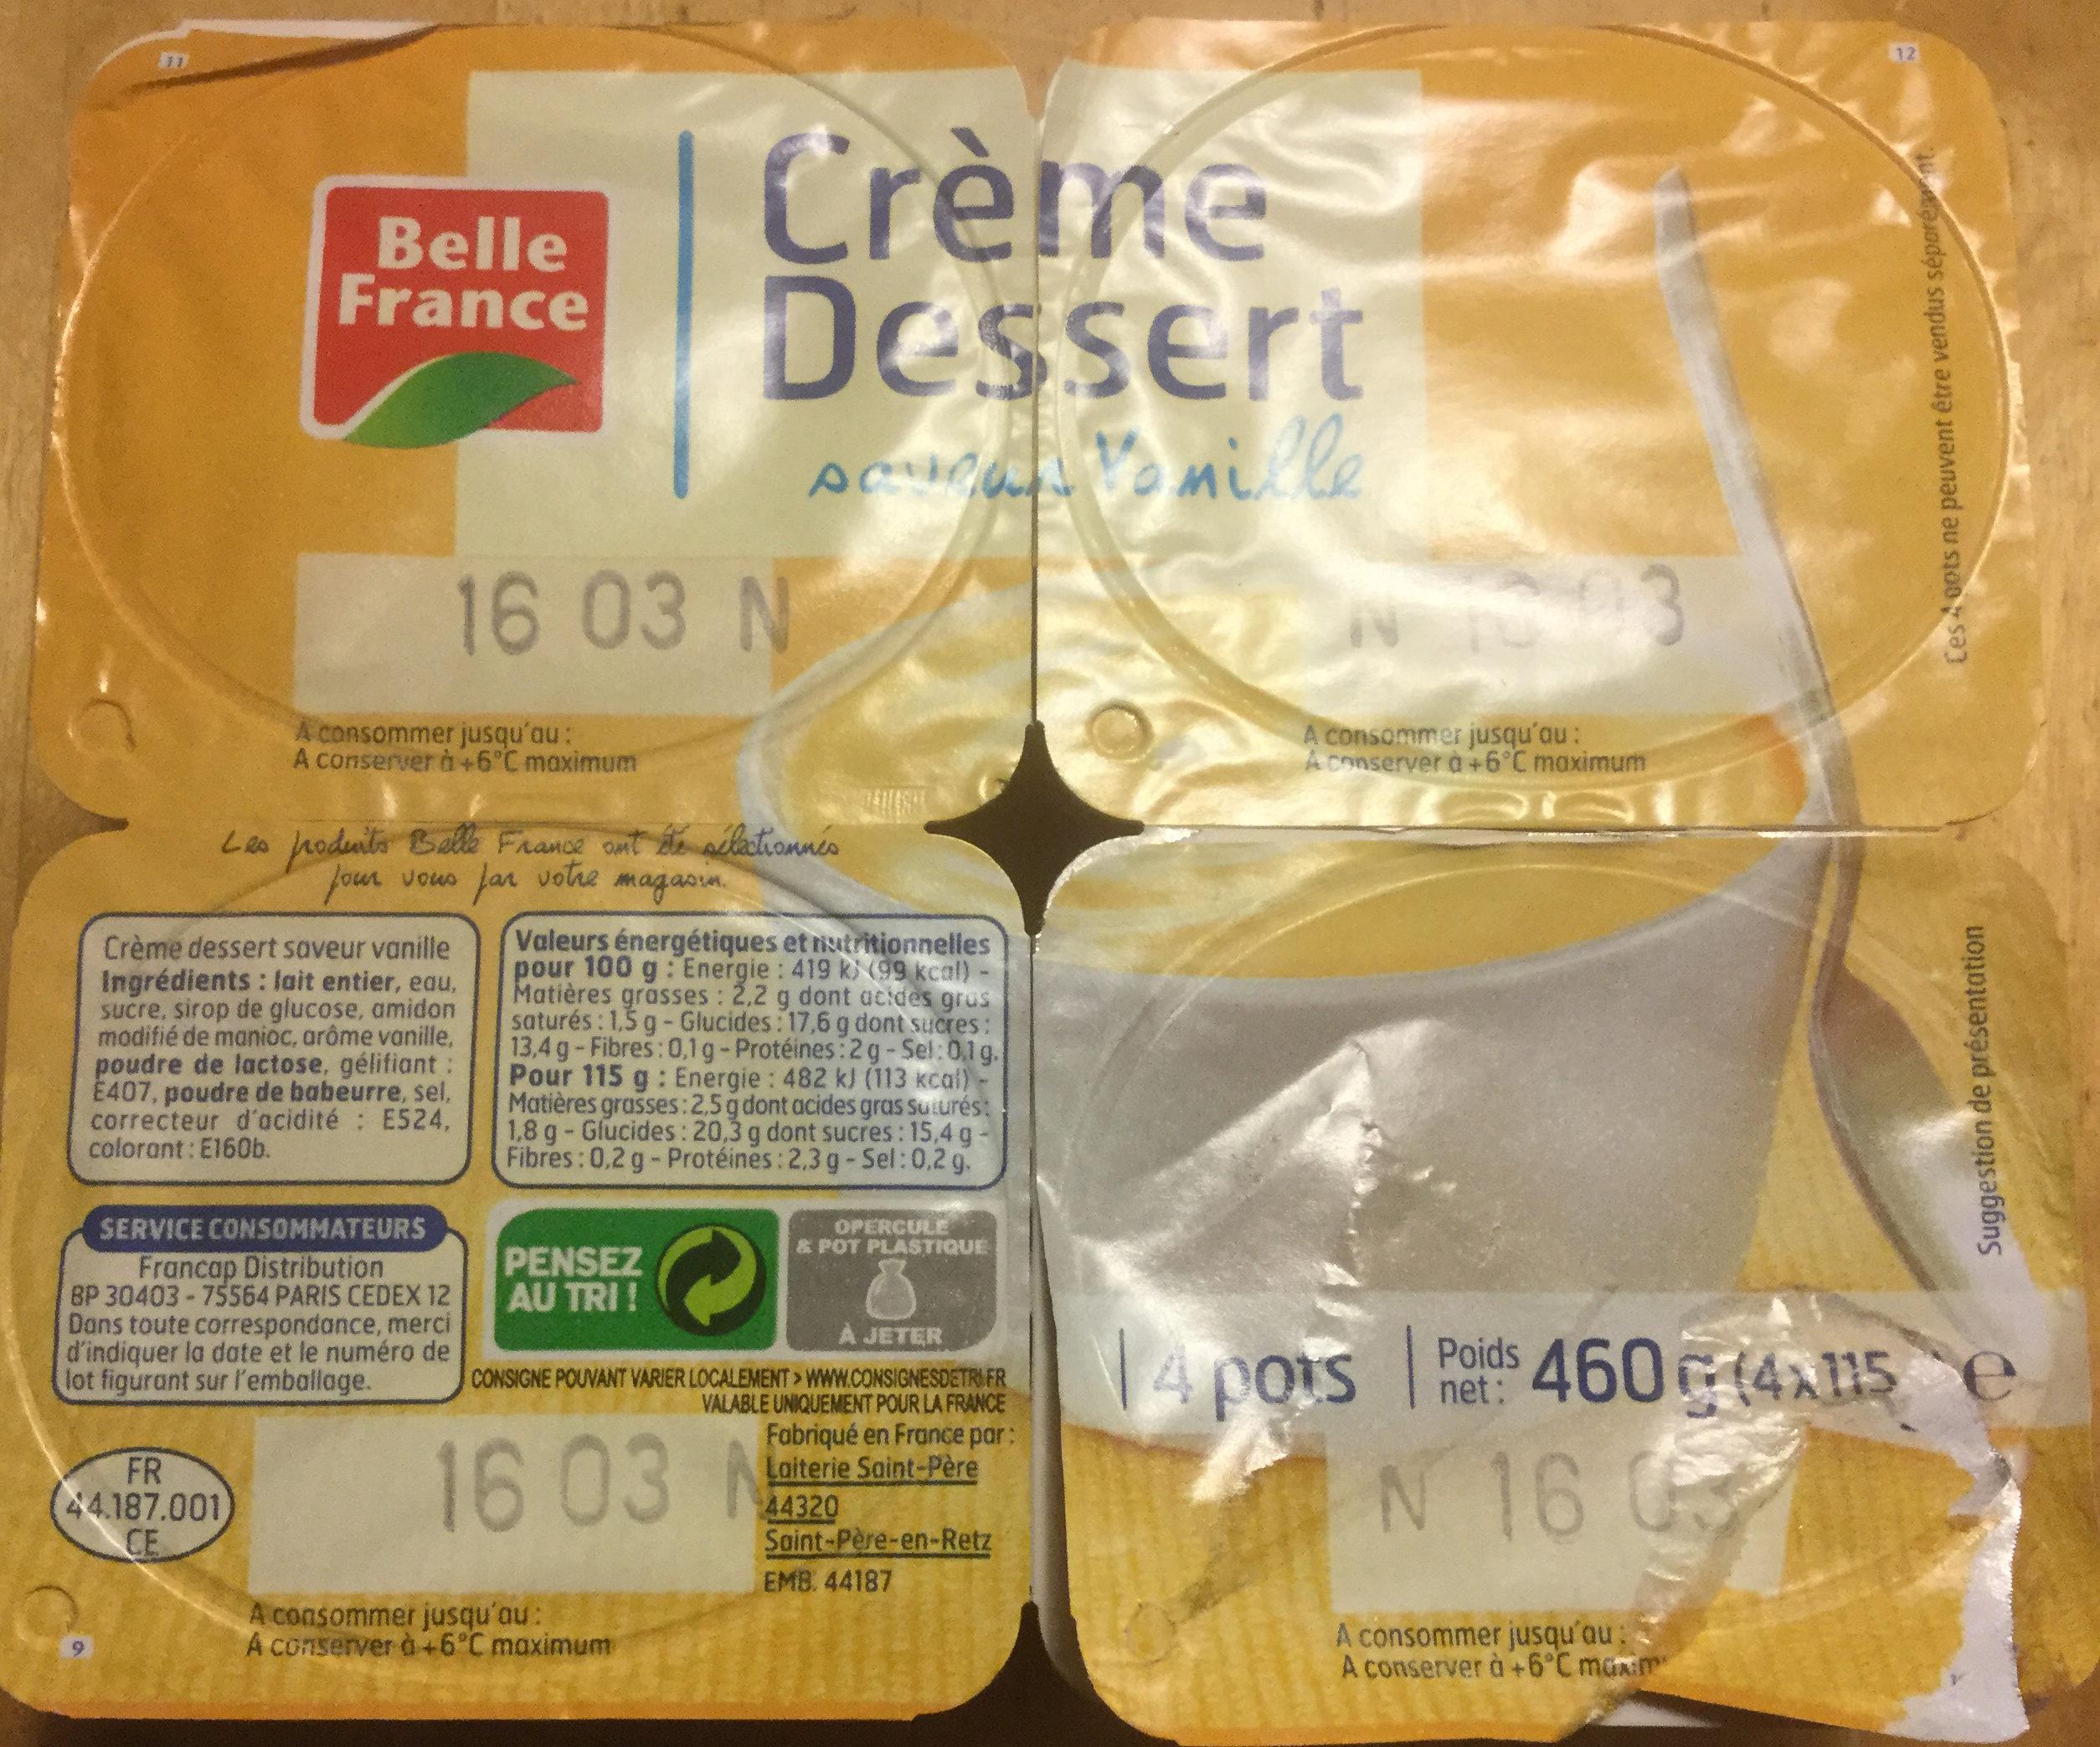 Crème dessert saveur vanille - Product - fr